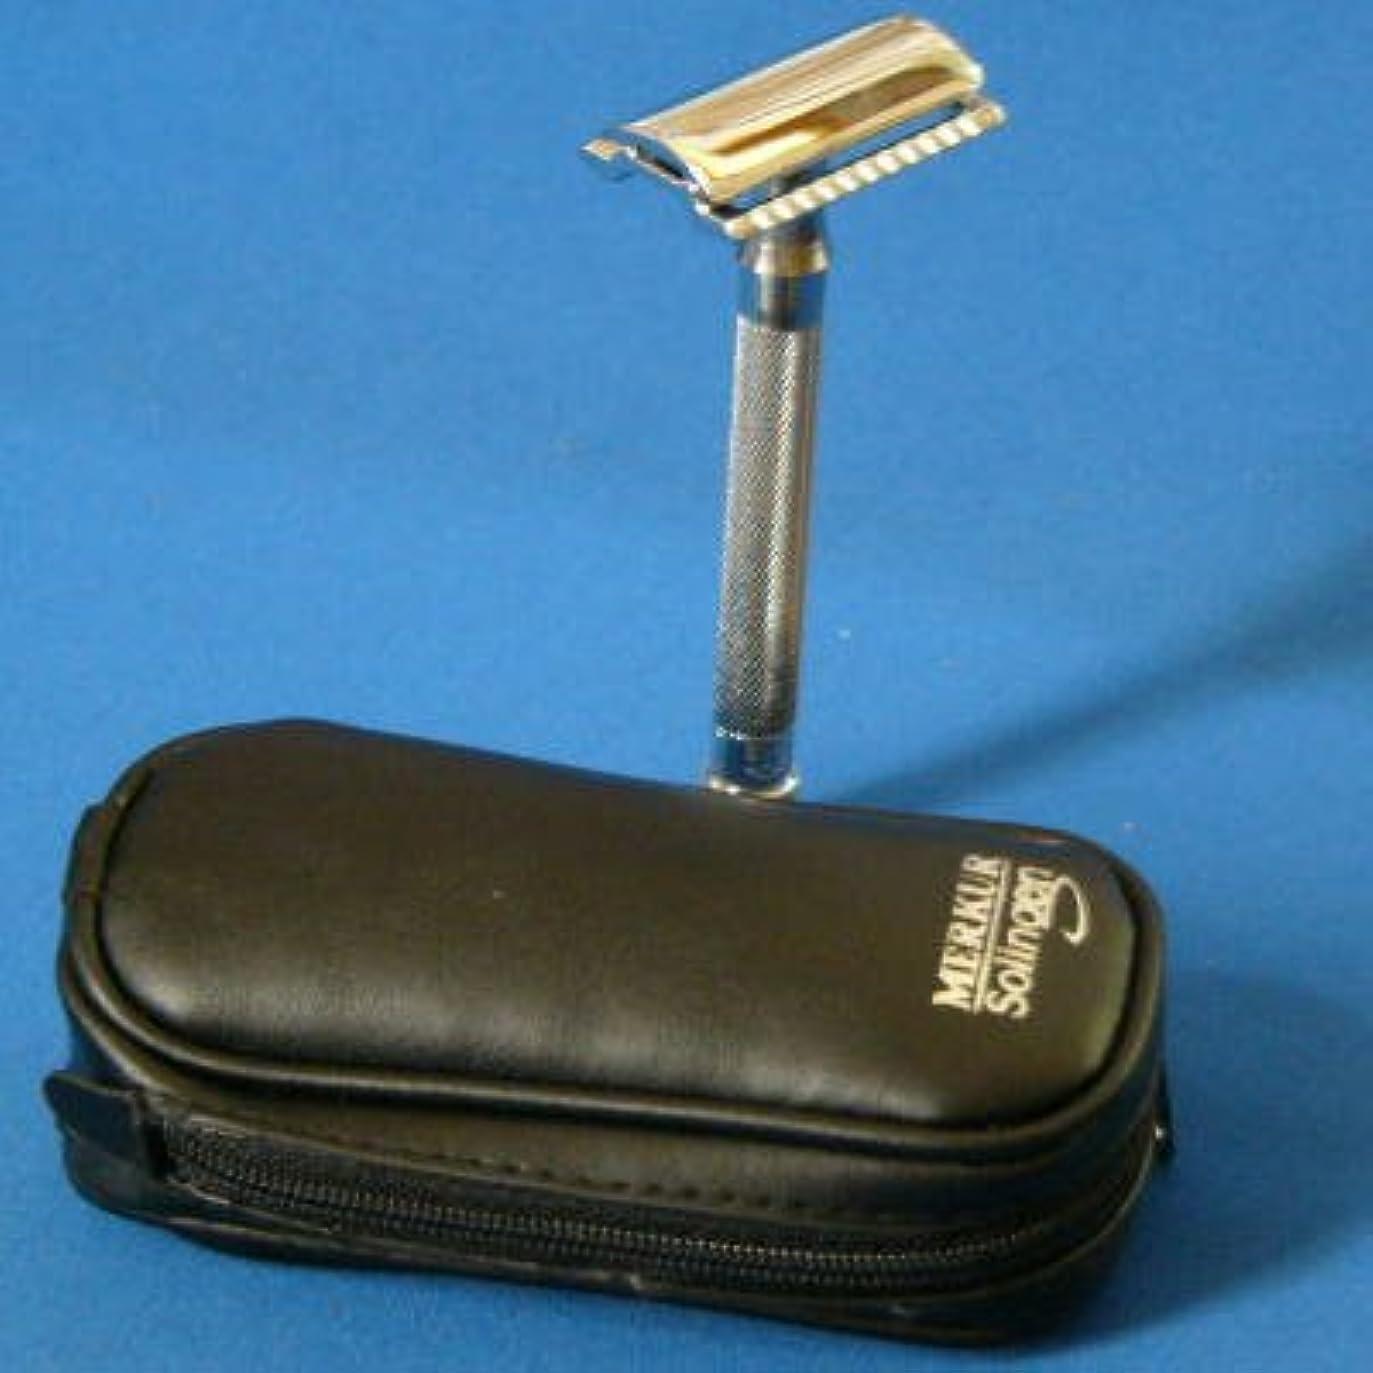 武器遺産戻すメルクール髭剃り(ひげそり) 23C(専用革ケース&替刃11枚付)